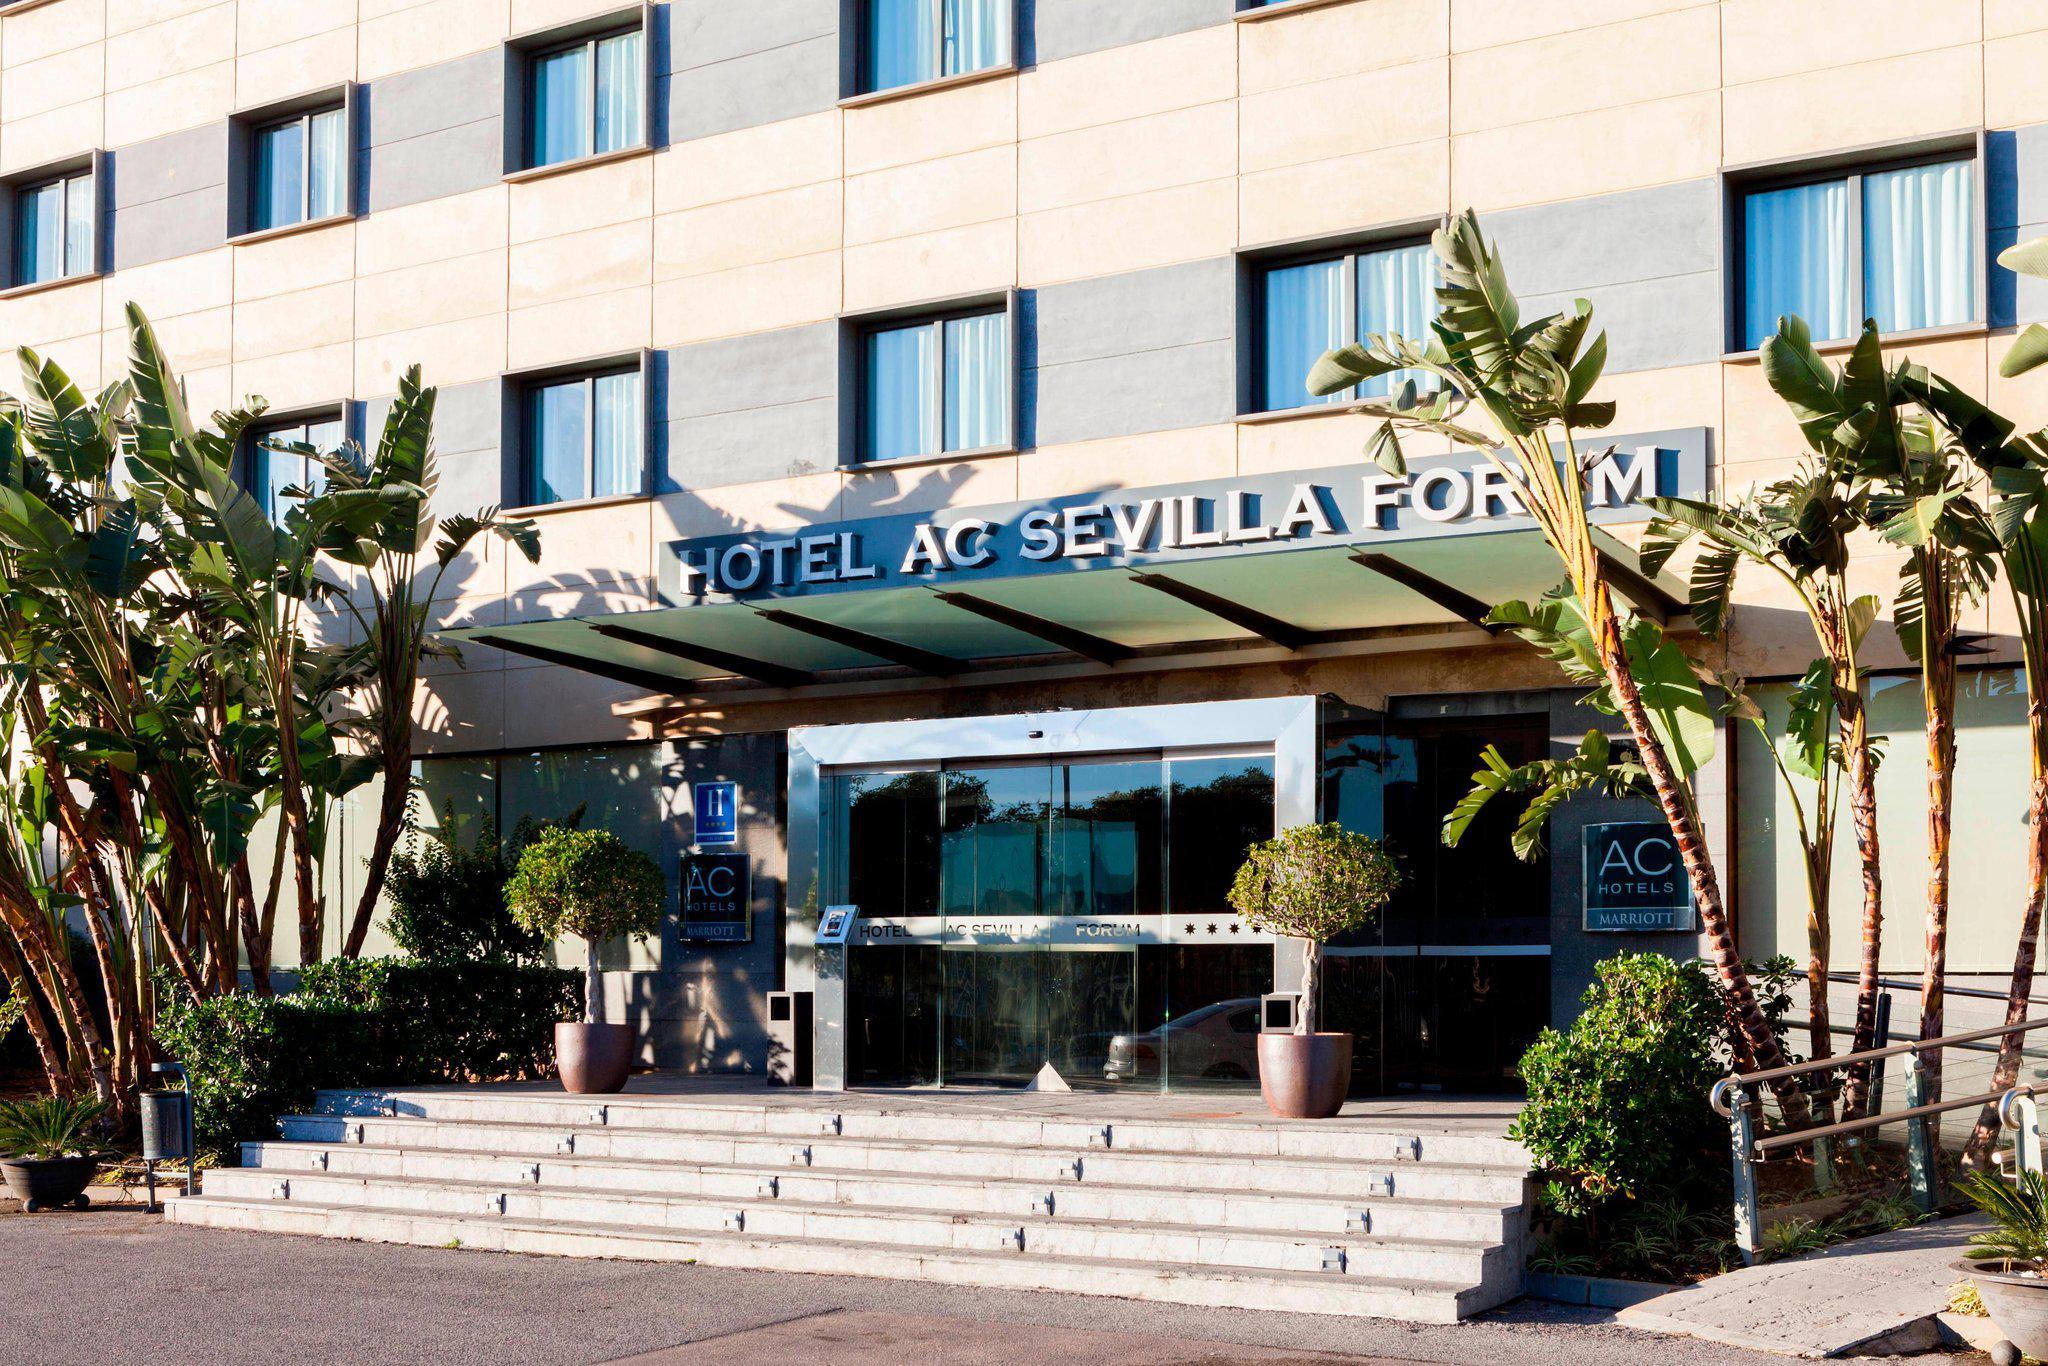 AC Hotel by Marriott Sevilla Forum